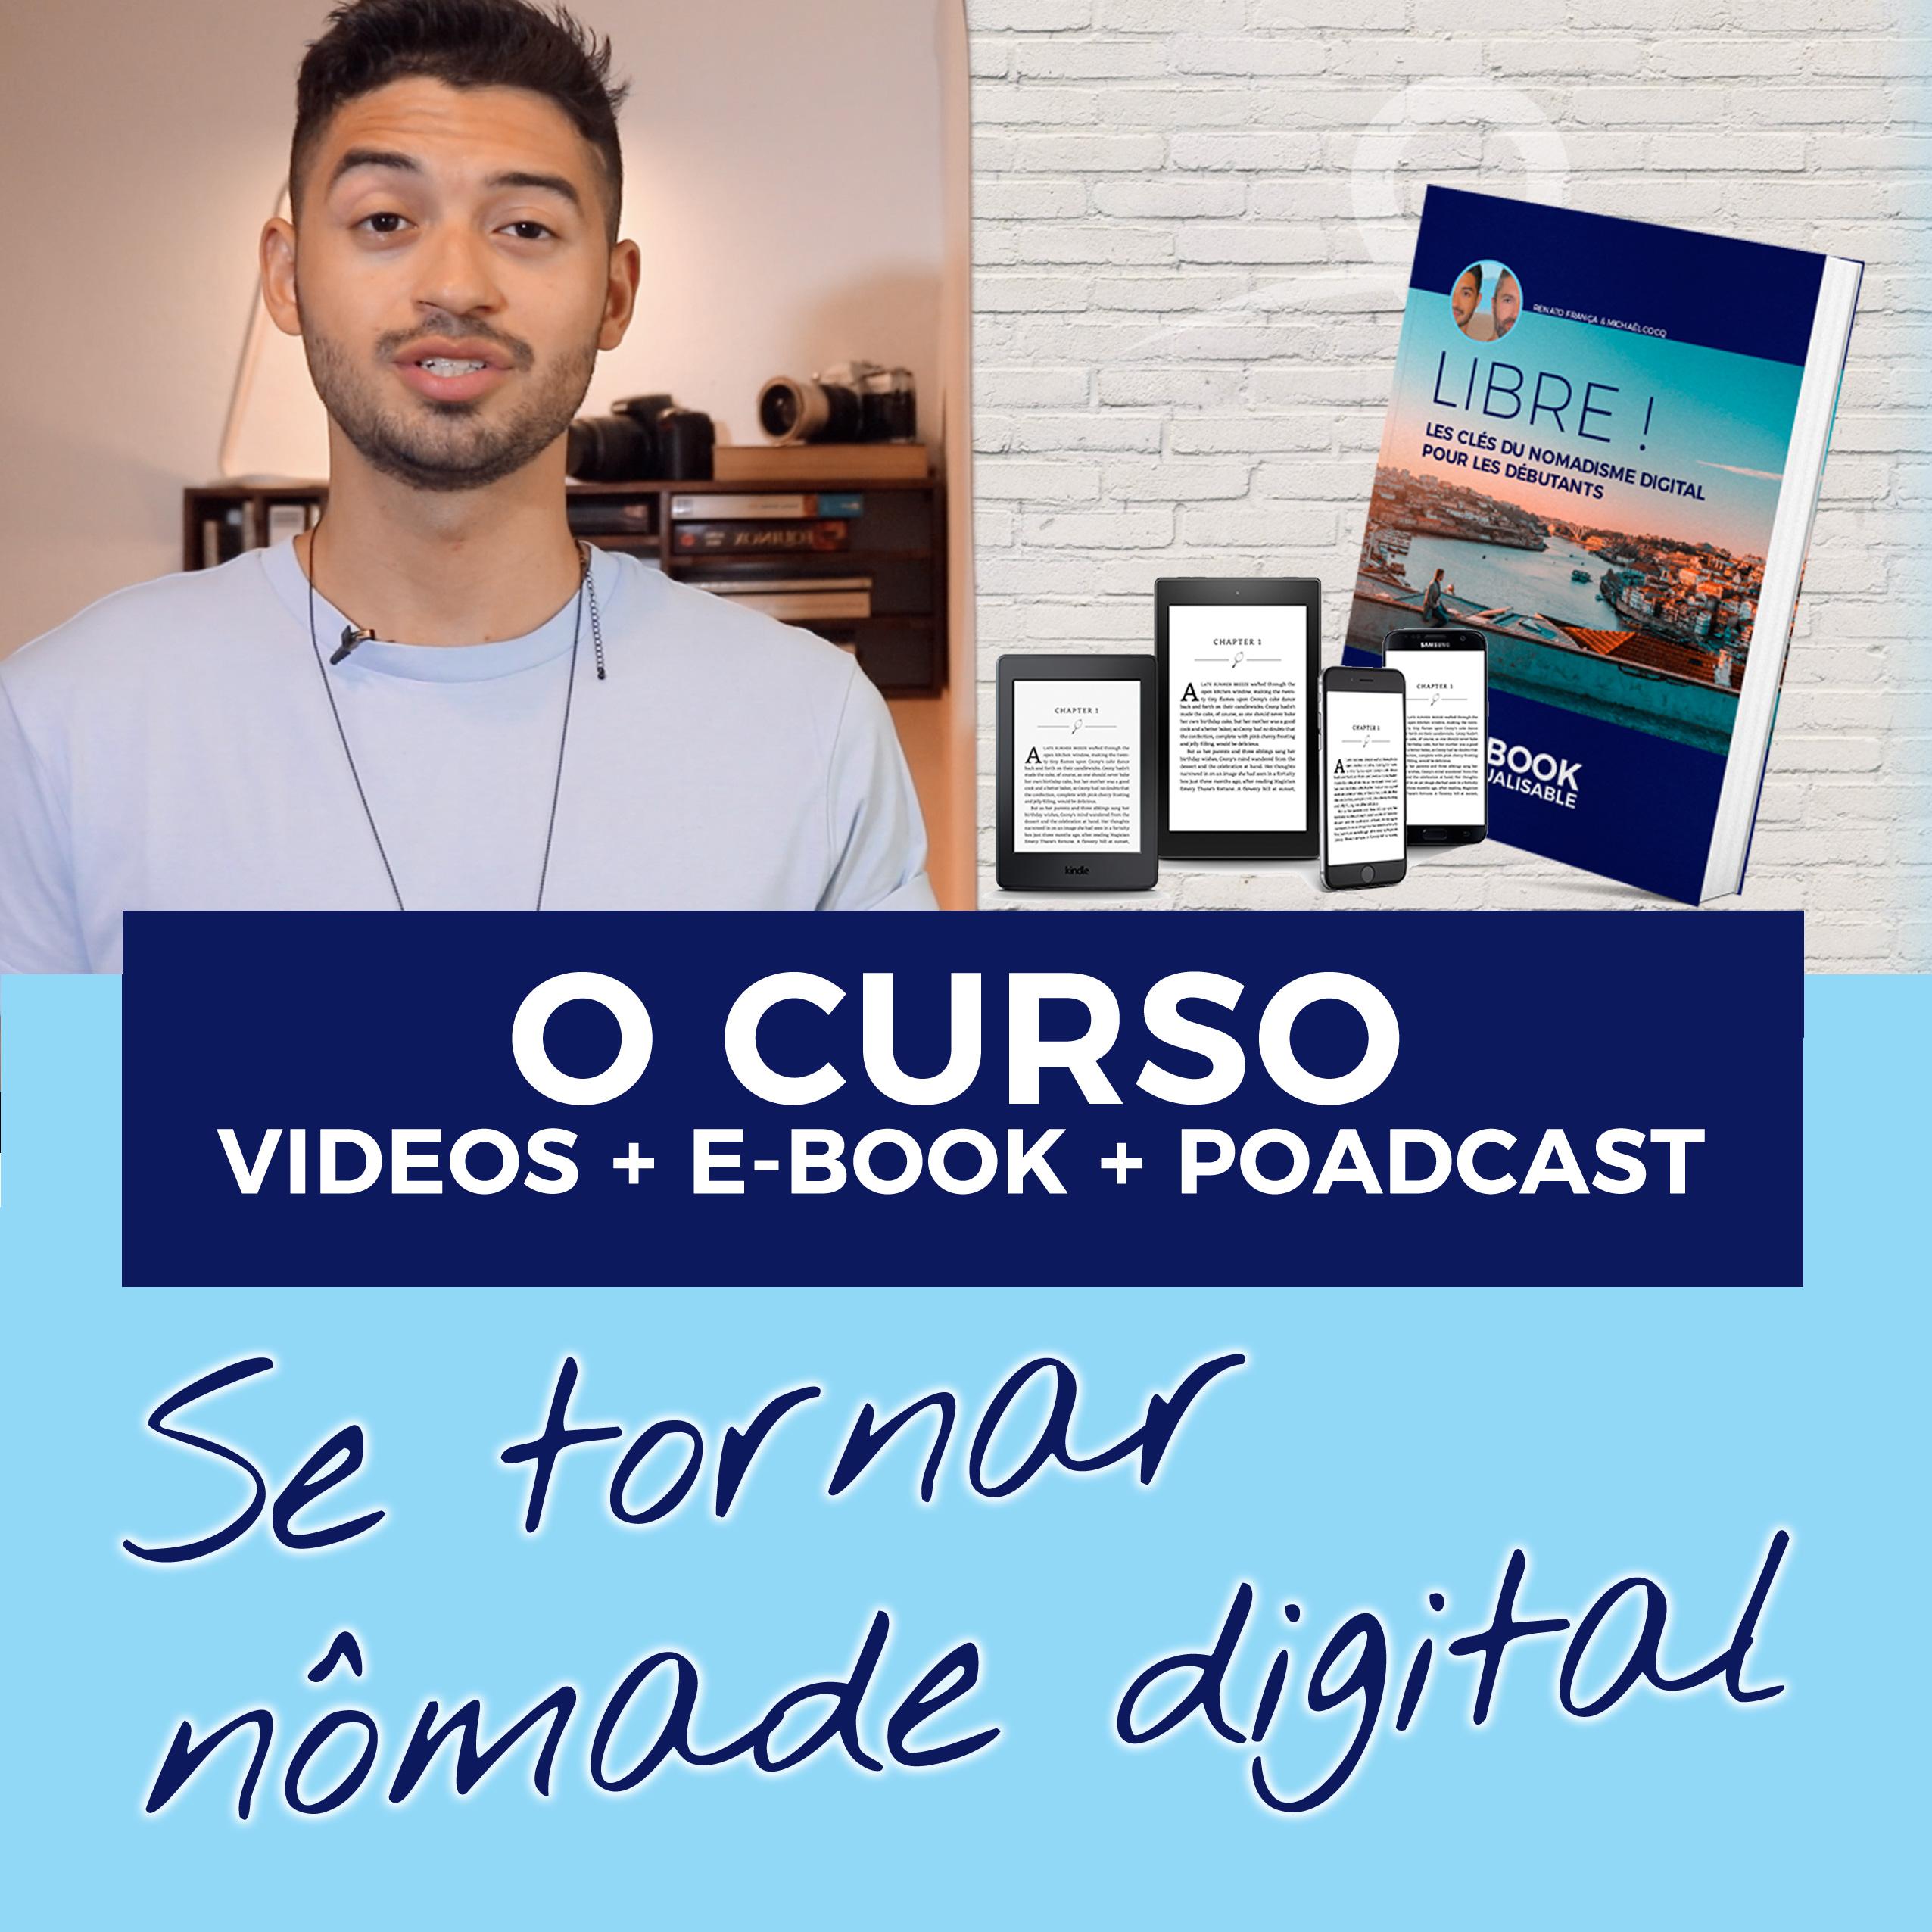 Se tornar nômade digital: o curso completo online